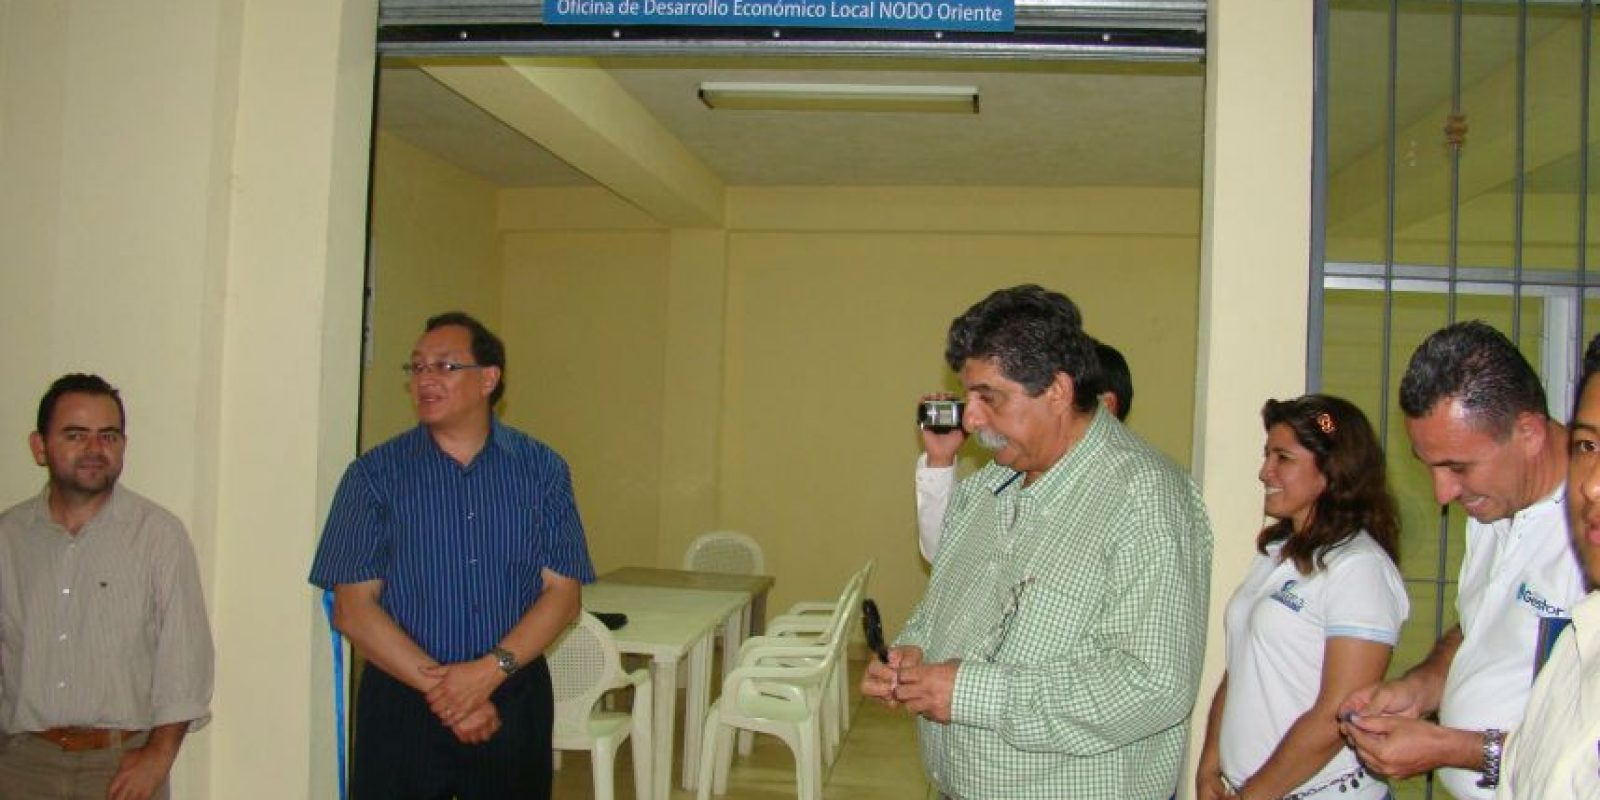 Manuel Marroquín alcalde de San Agustín Acasaguastlán, El Progreso. Foto:Publinews